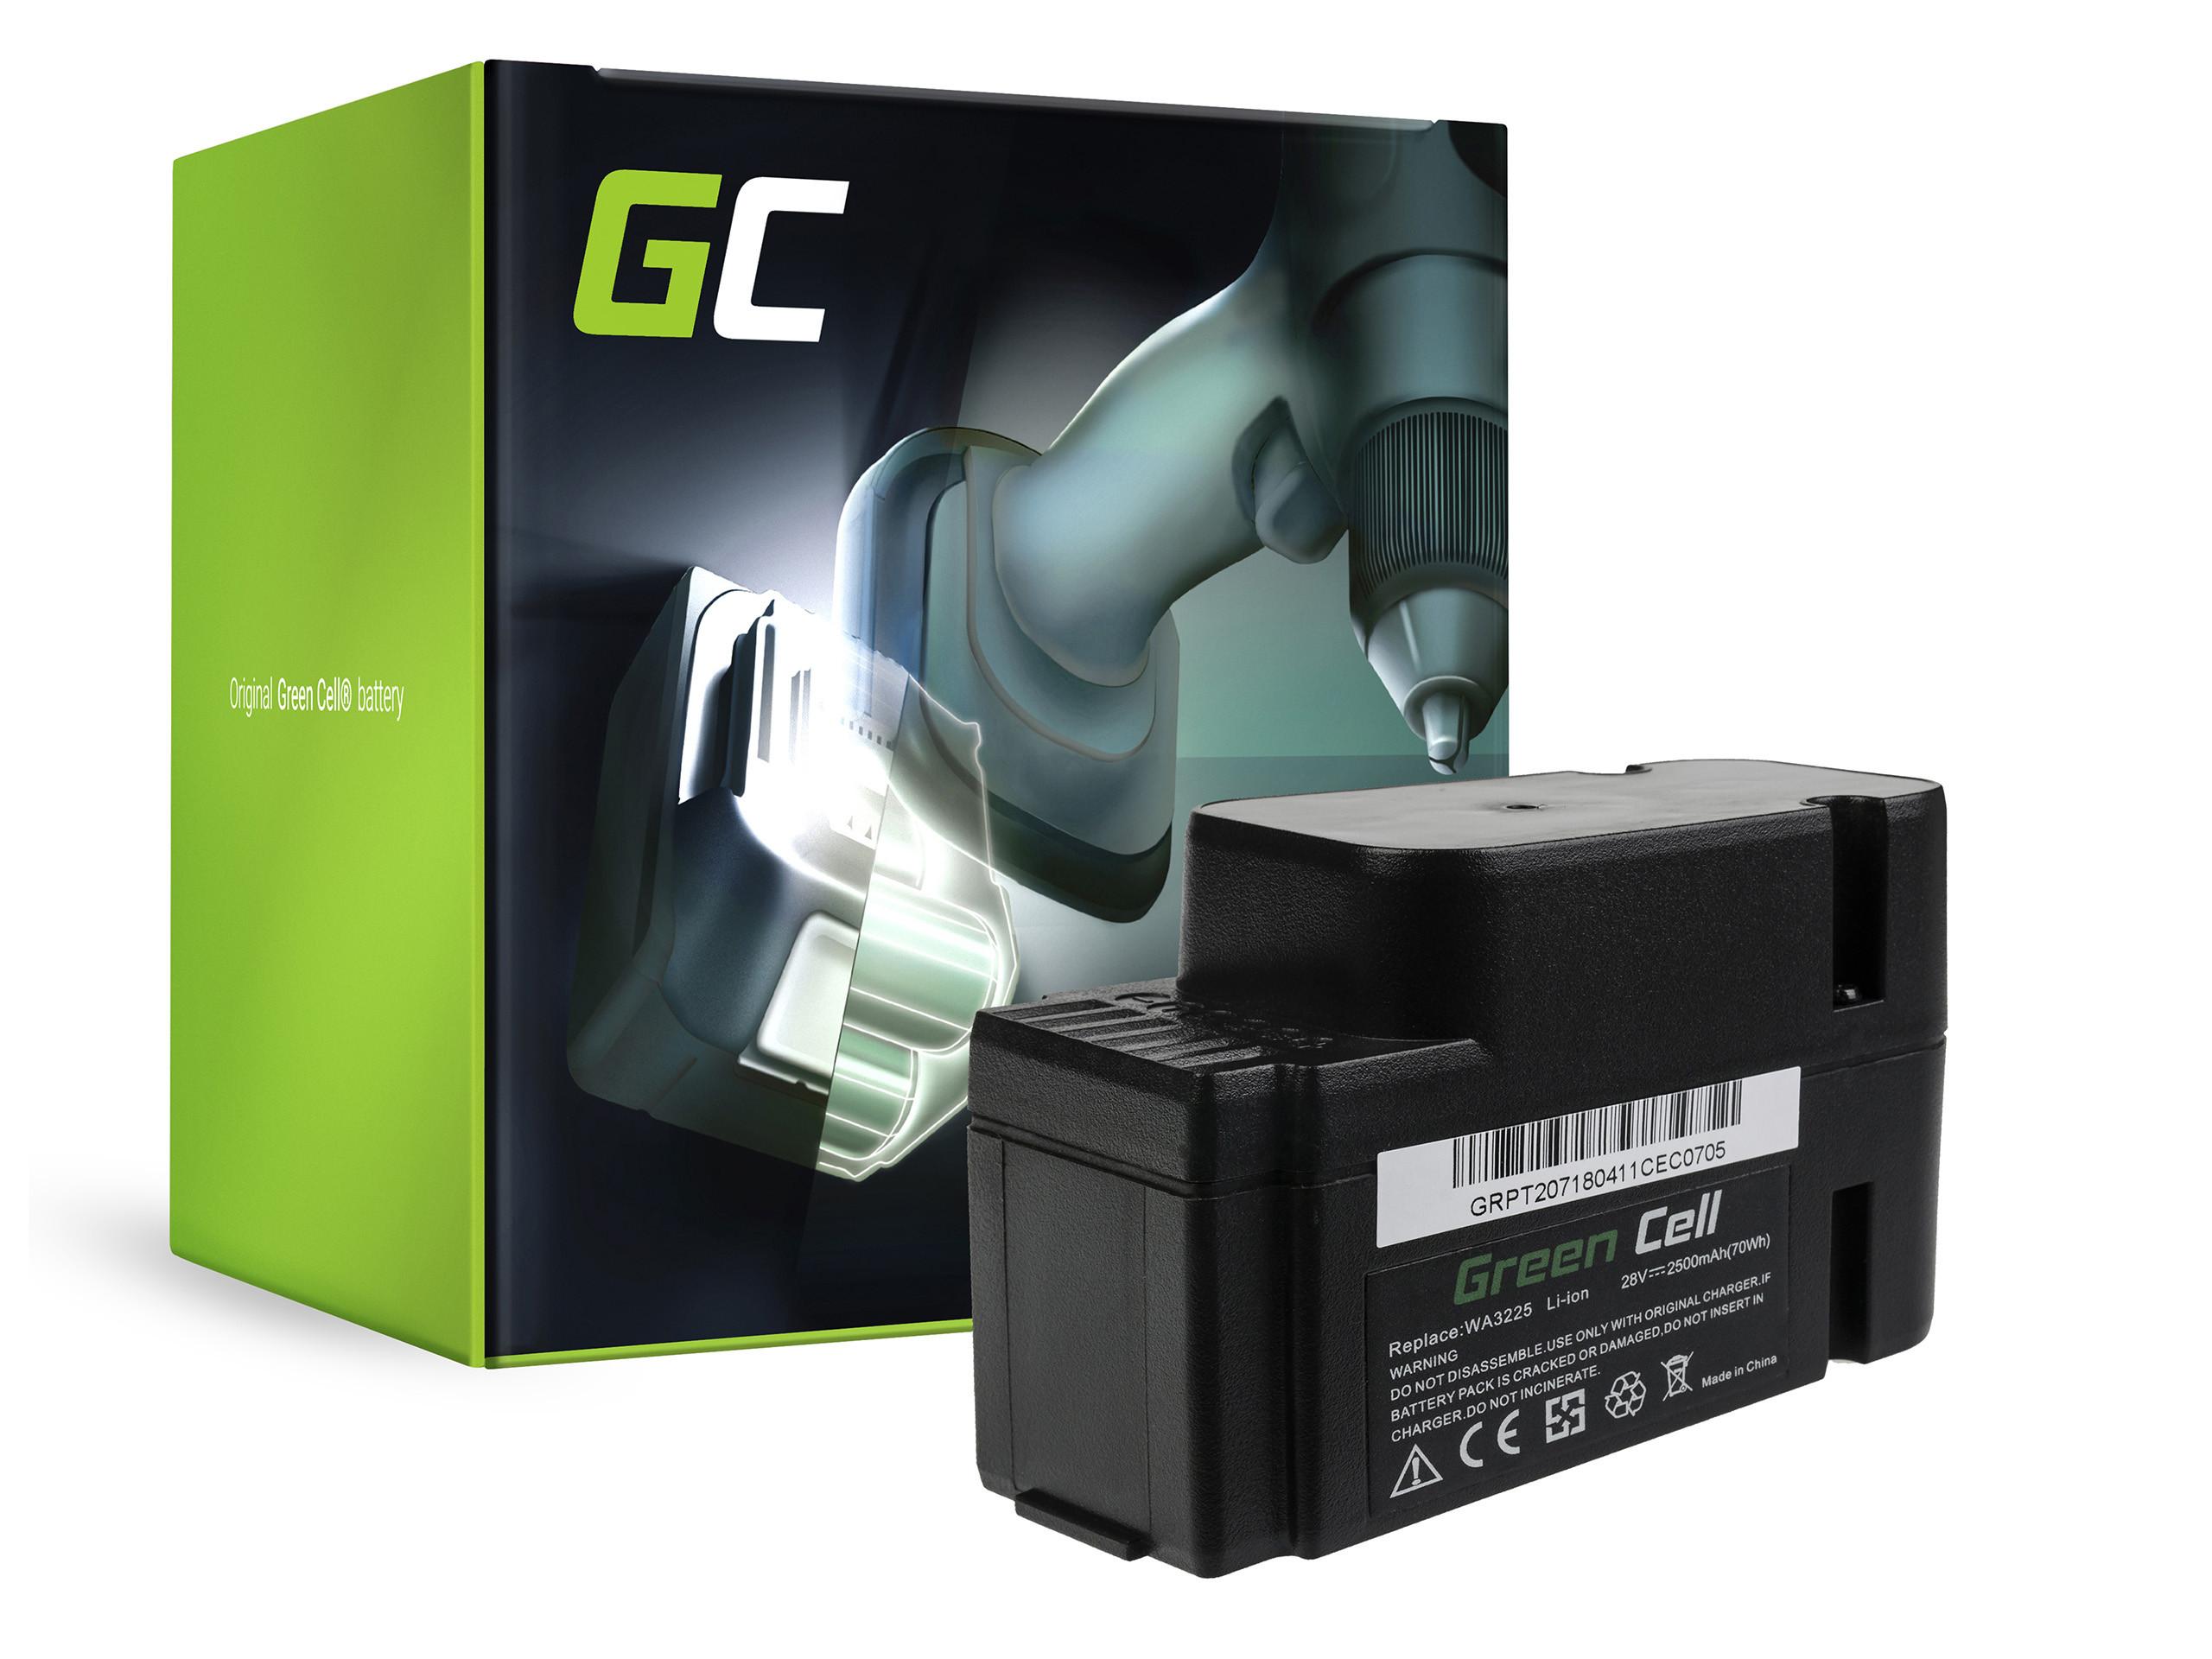 Baterie Green Cell Worx WA3225 WA3565 Landroid M800 M100 L1500 L2000 WG790 WG791 WG792 WG794 WG796 WG797 2500mAh Li-ion